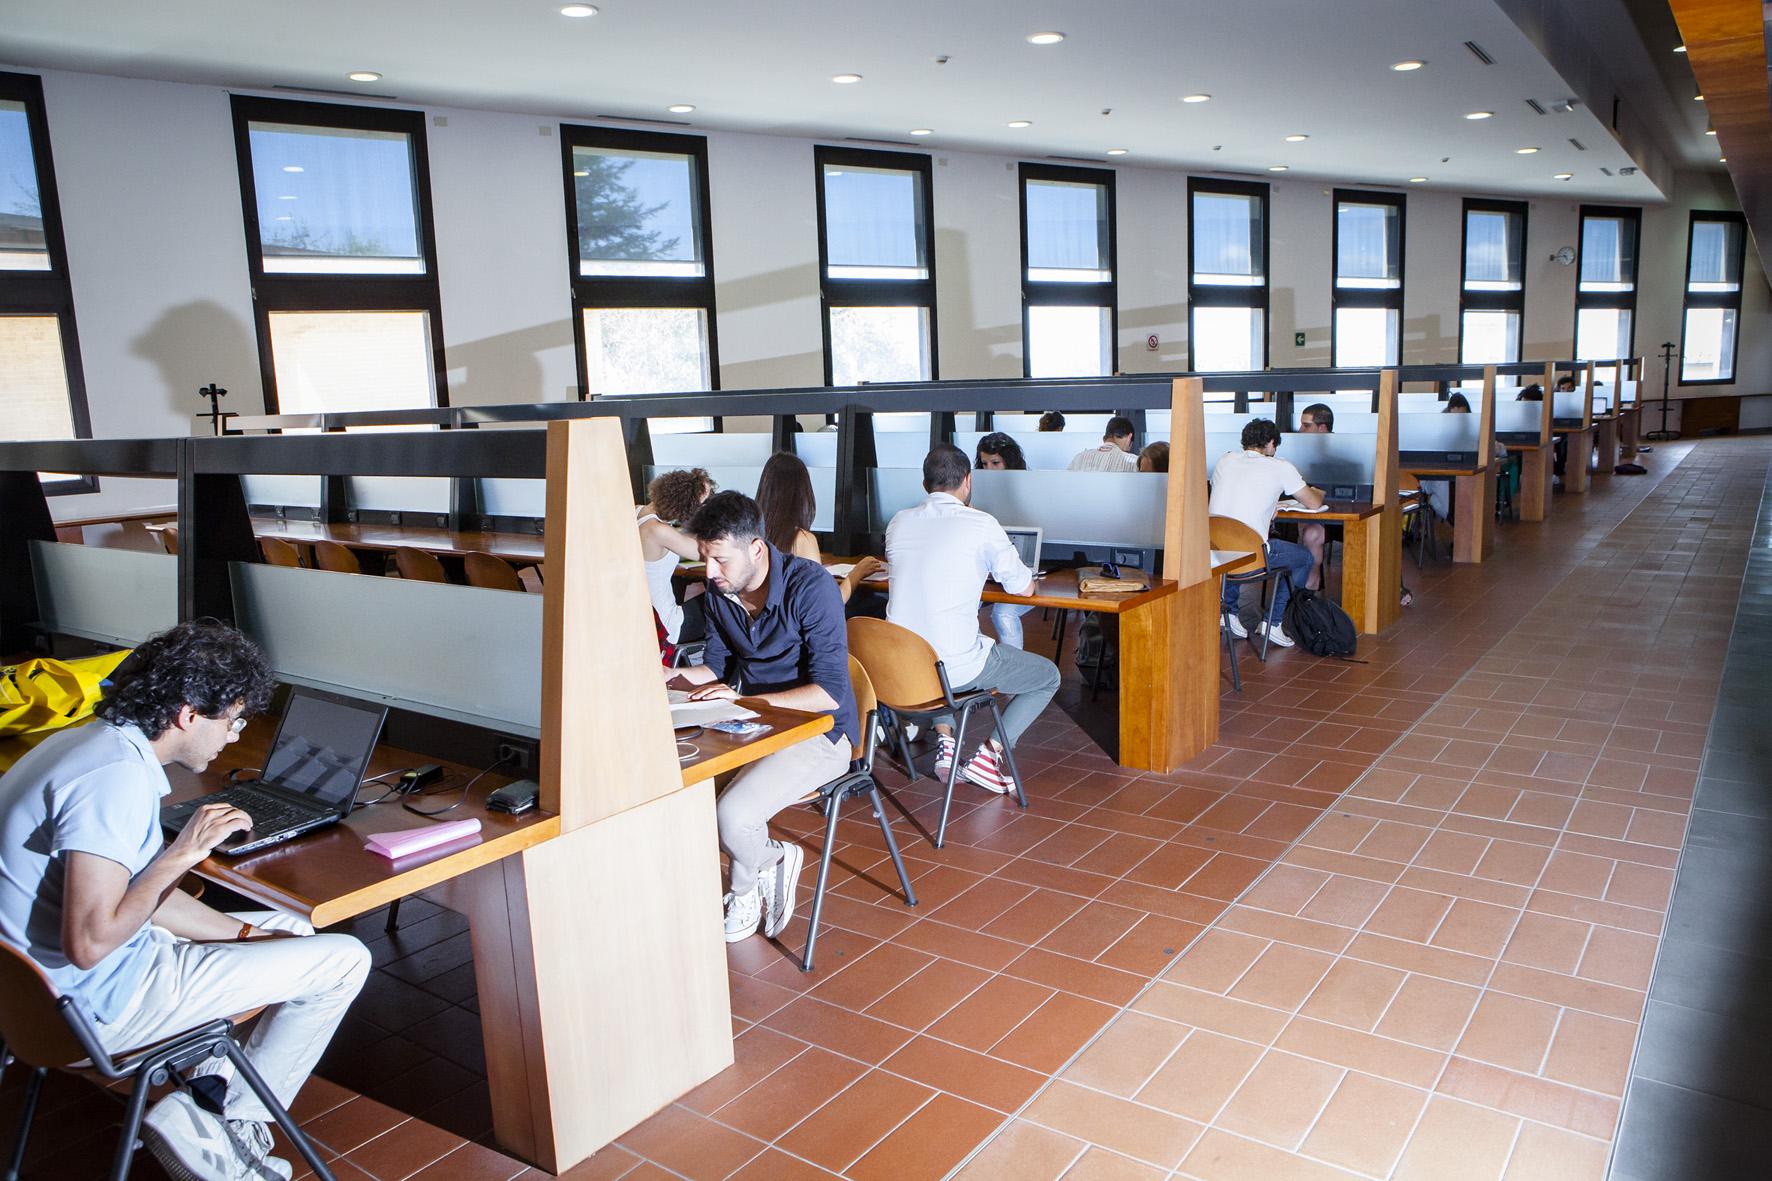 28.2. ITALIANI STUDENTI. FOTO MARIO LLORCA.WWW.MARIOLLORCA.COM